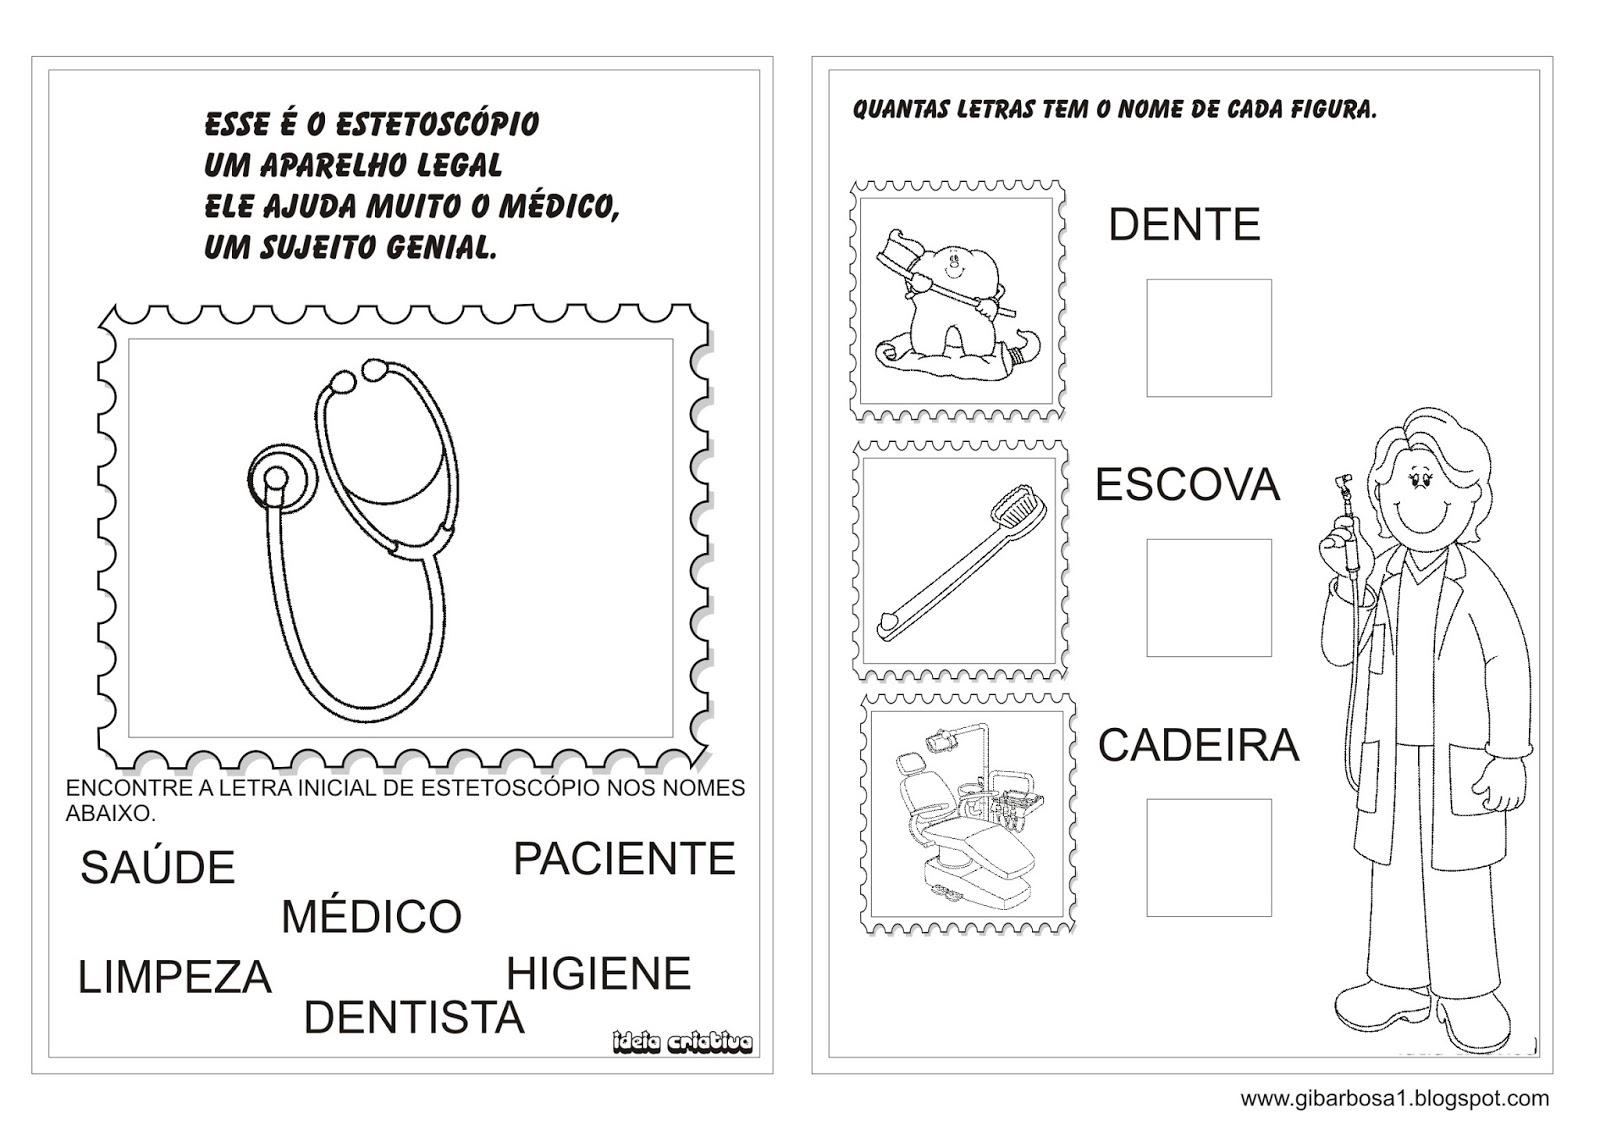 Extremamente Álbum de Atividades Dia da Saúde | Ideia Criativa - Gi Barbosa  NU42